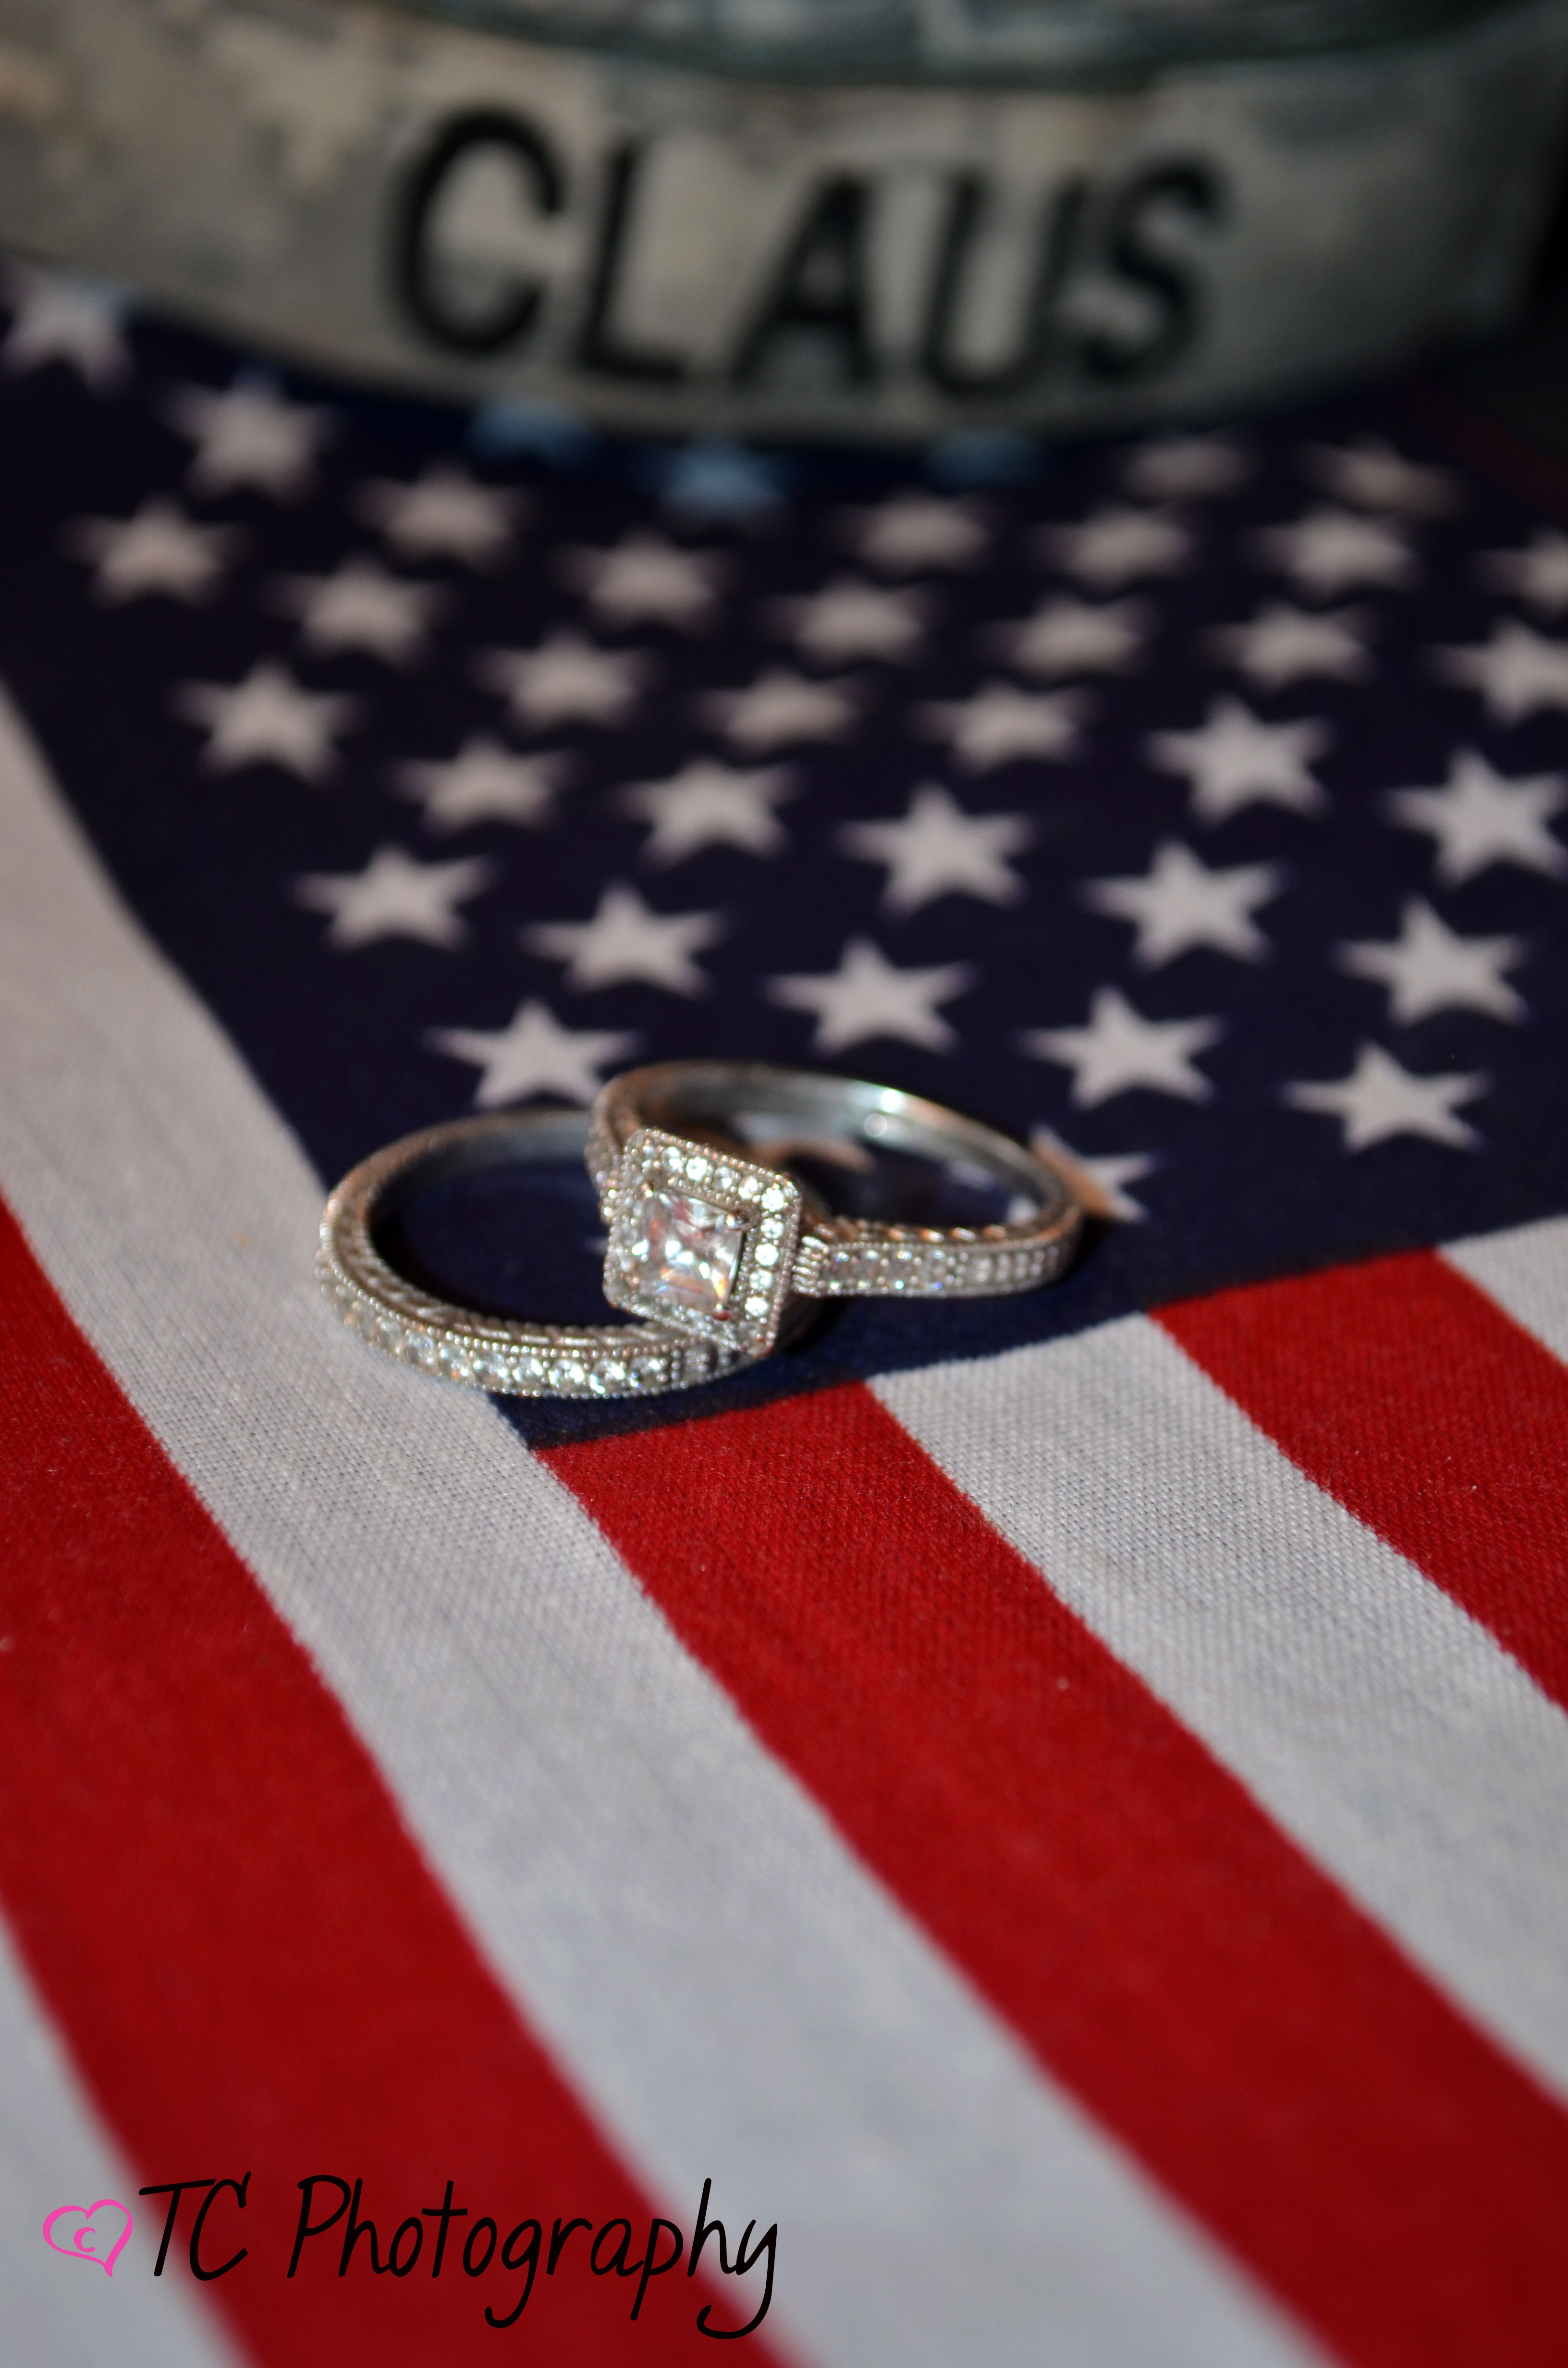 usmc wedding band Of July Wedding American Flag Photography